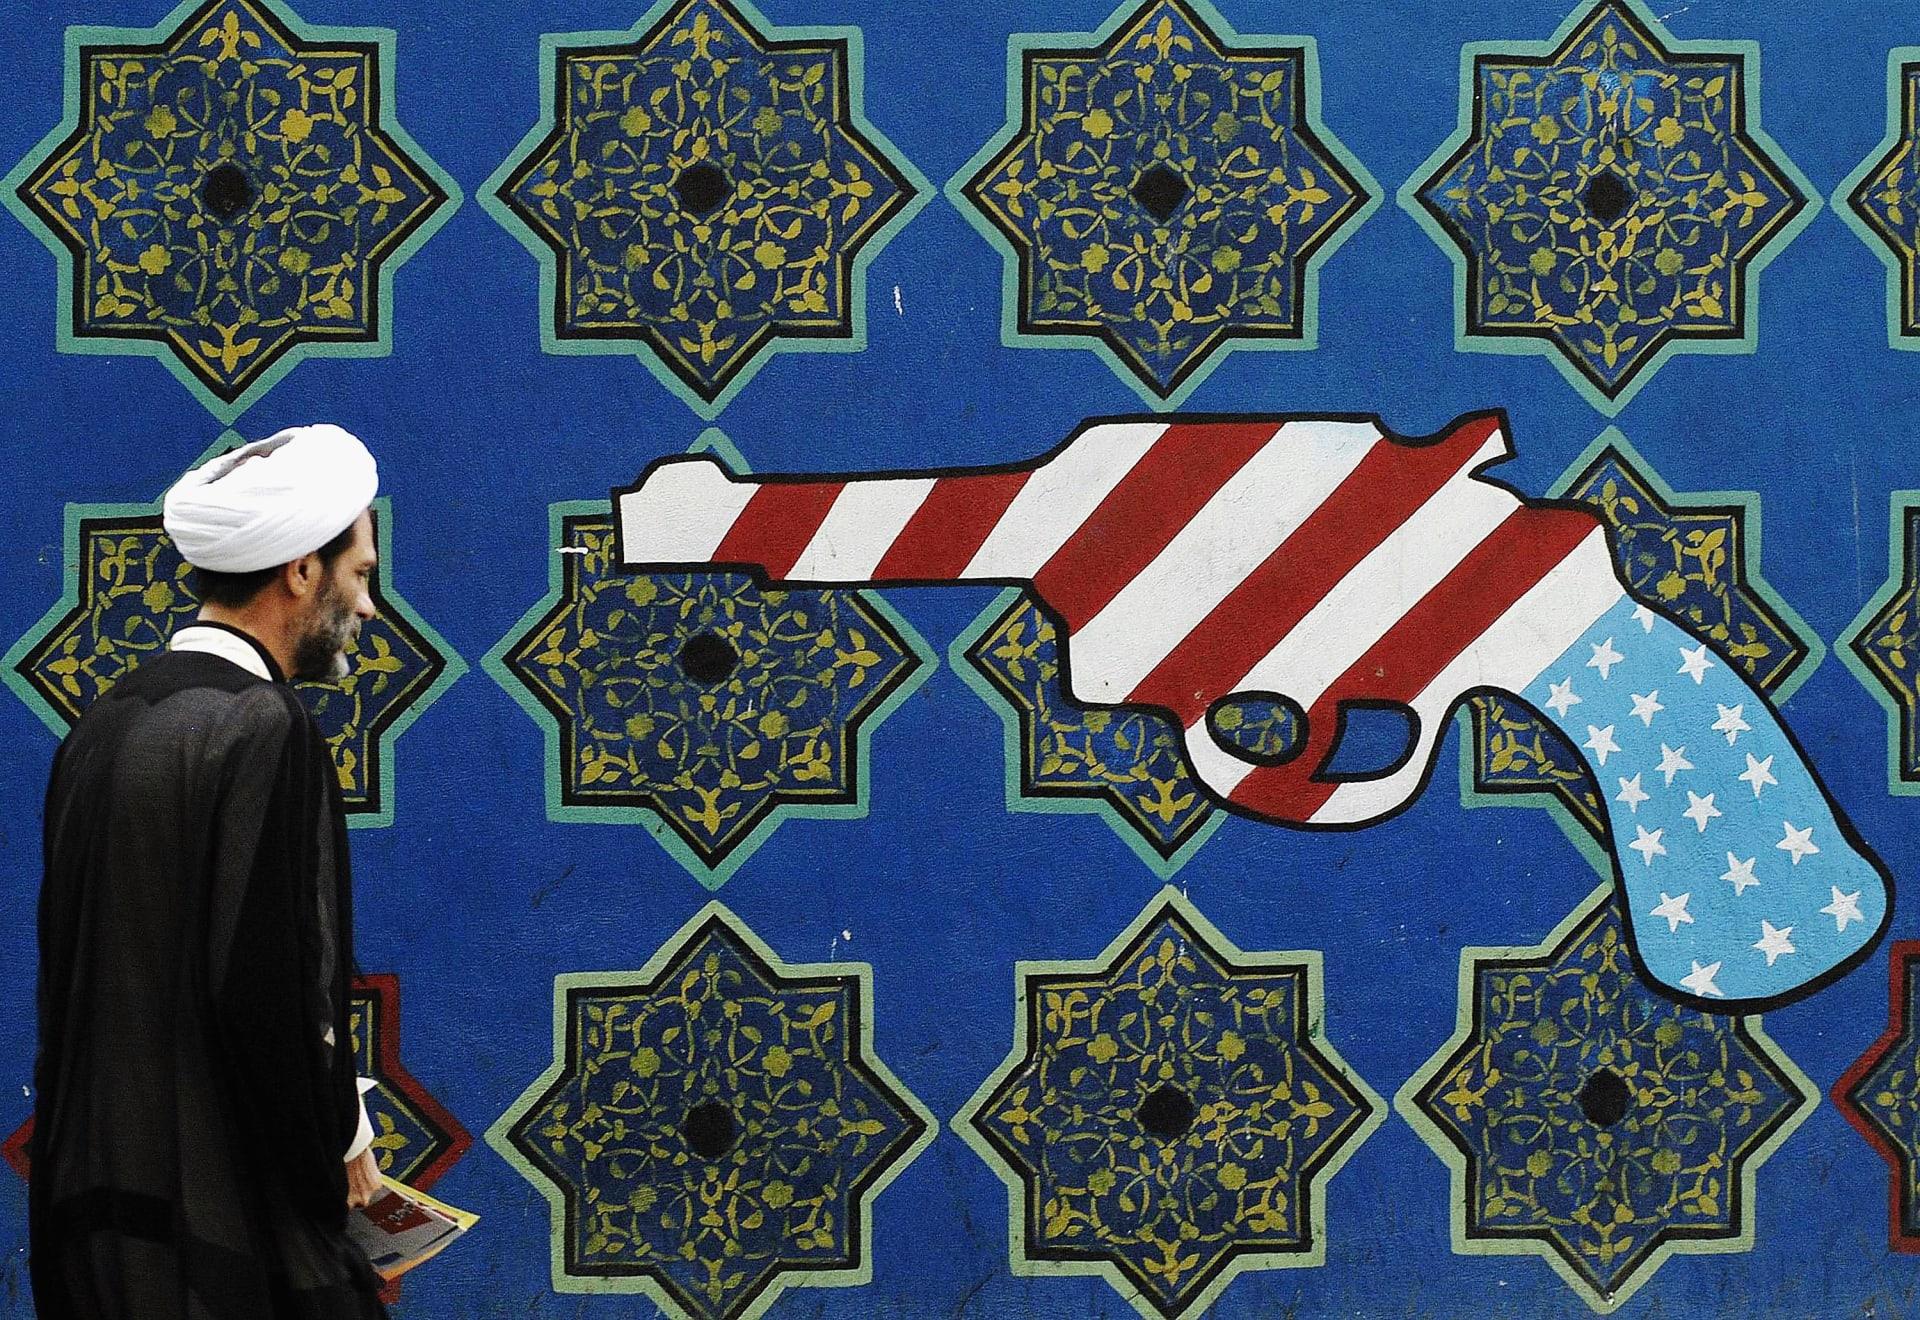 أمريكا تدين وزيراً تركياً سابقاً بالتآمر لانتهاك عقوبات على إيران